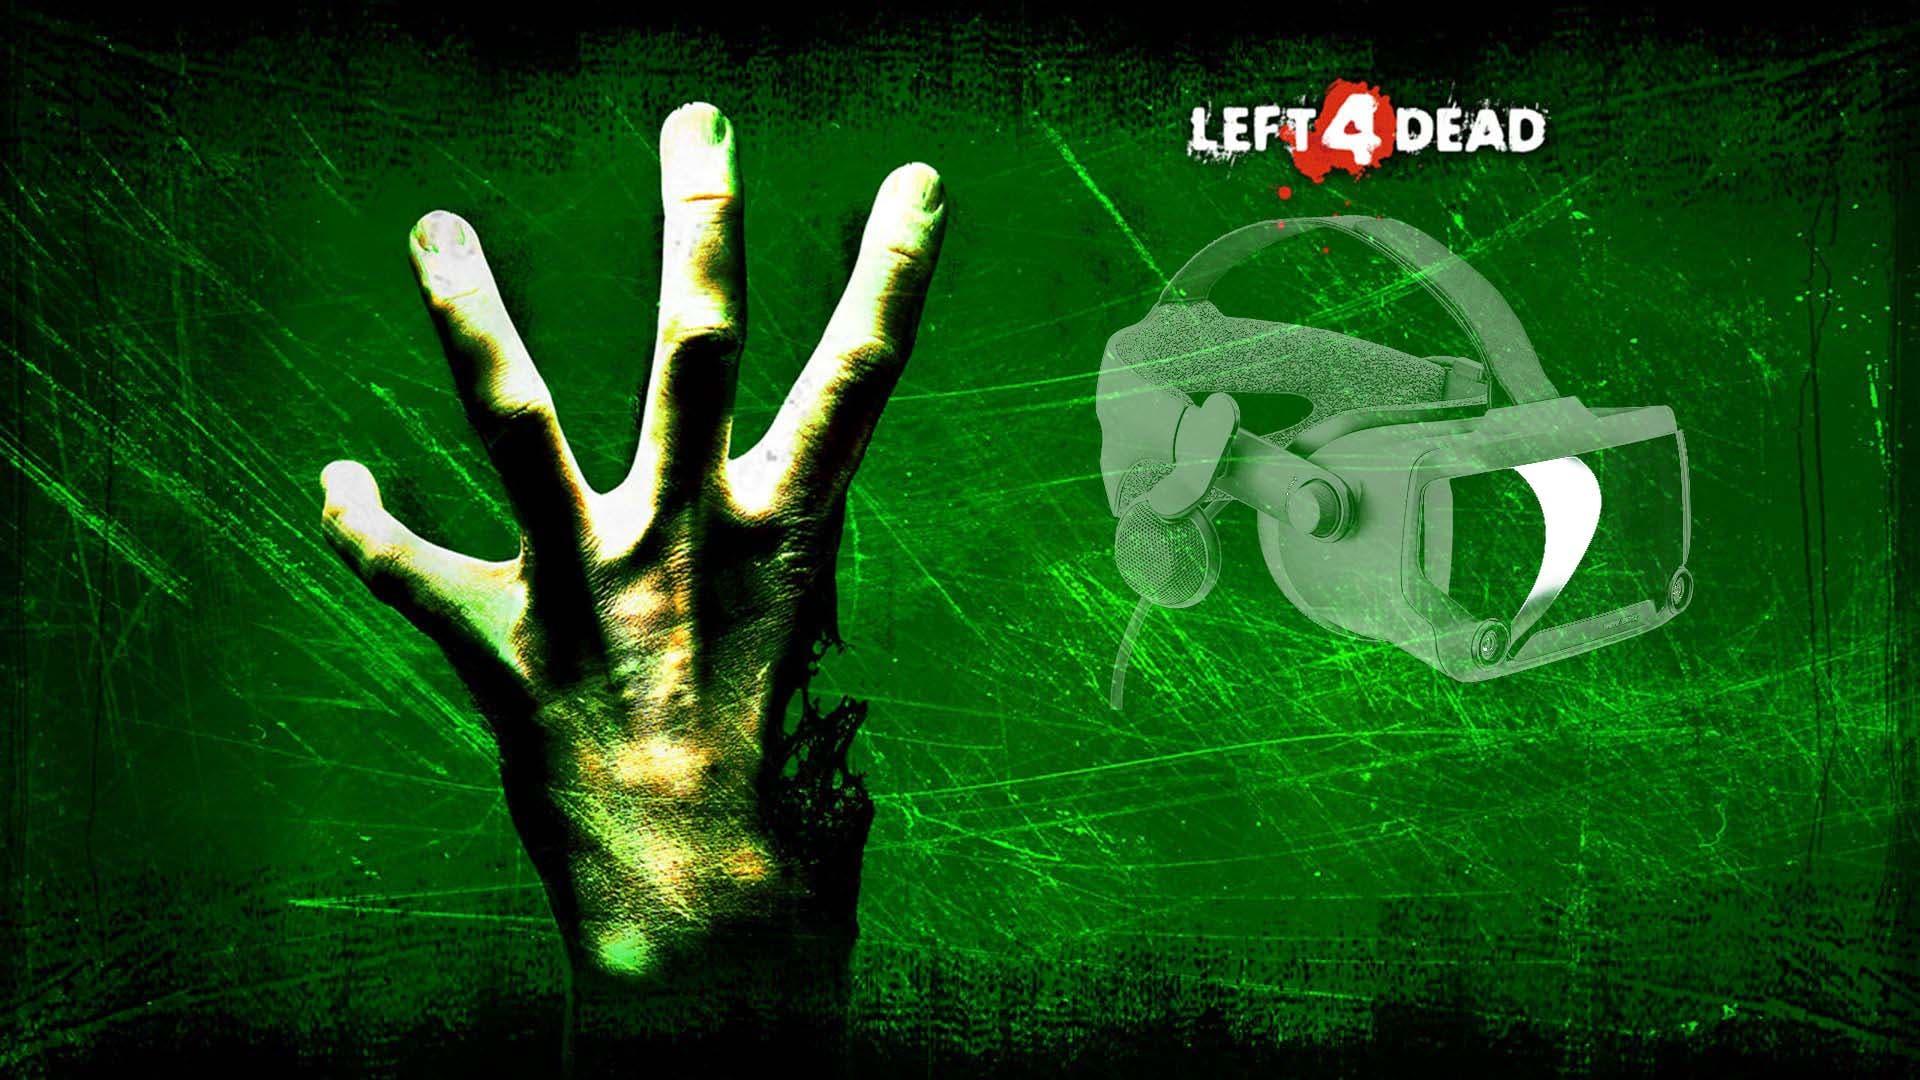 Left 4 Dead VR sería el próximo título de Valve según un rumor 4